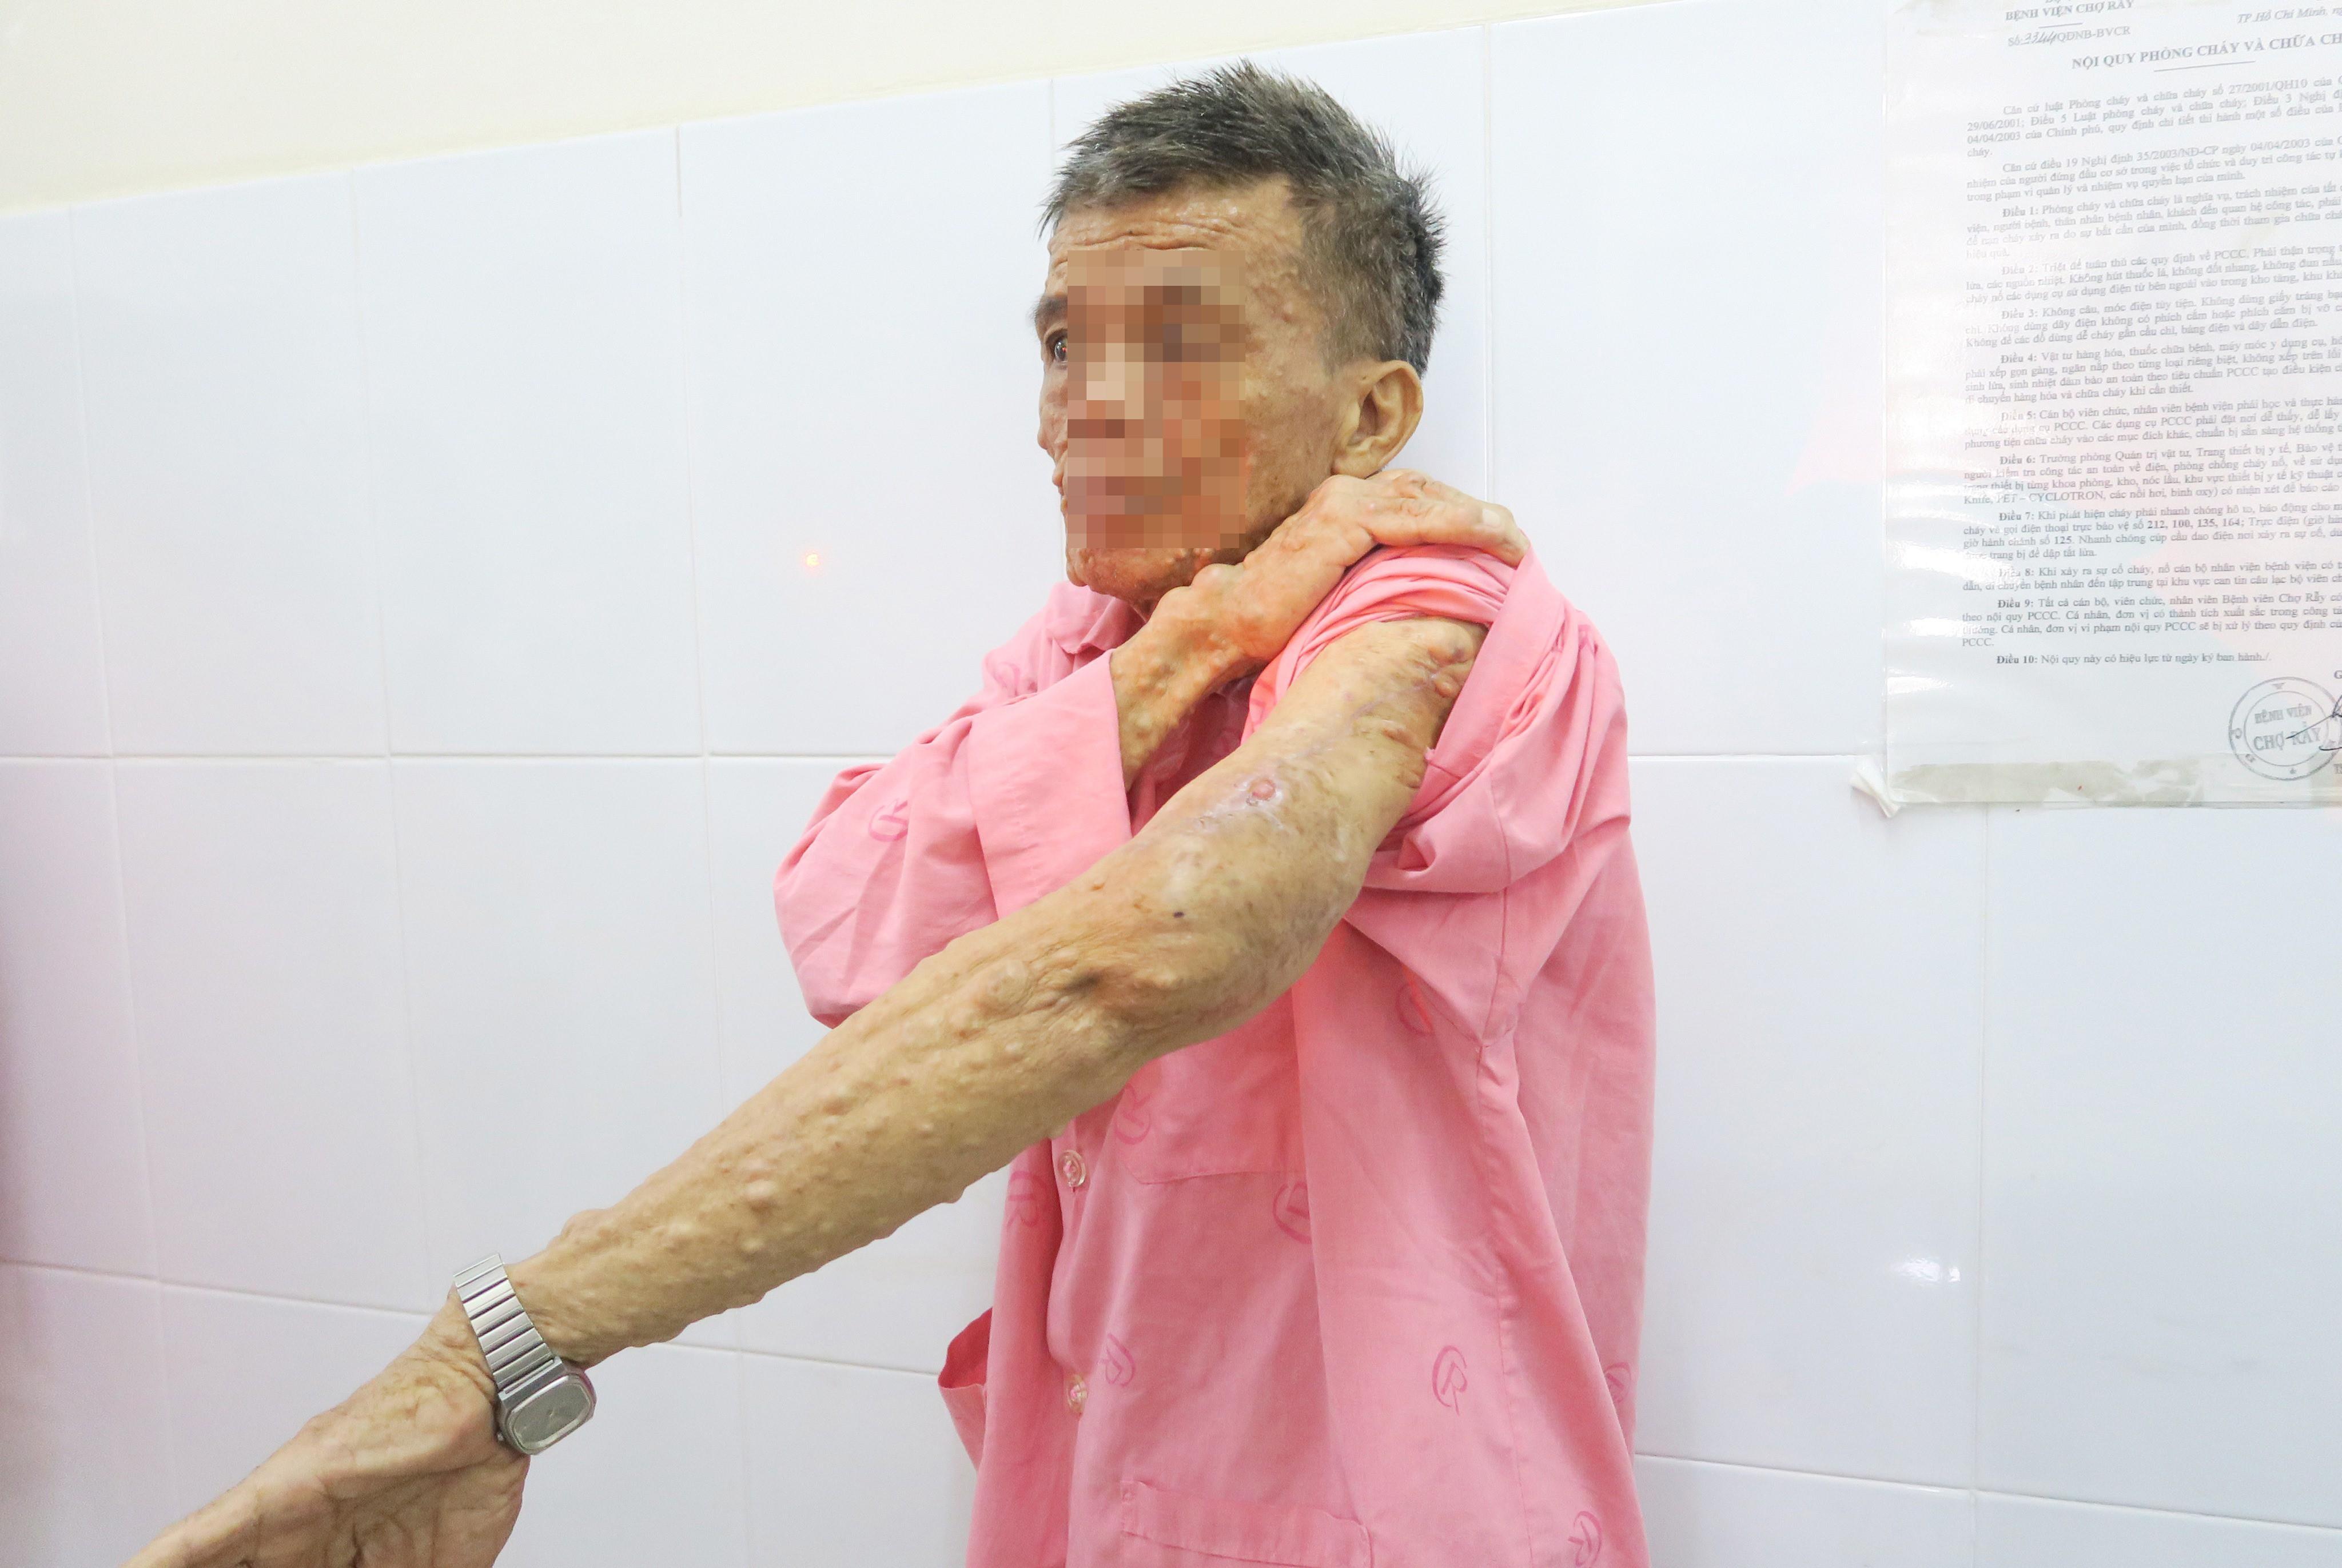 Cắt bỏ khối bướu sợi thần kinh khổng lồ khỏi cơ thể người đàn ông Ảnh 4